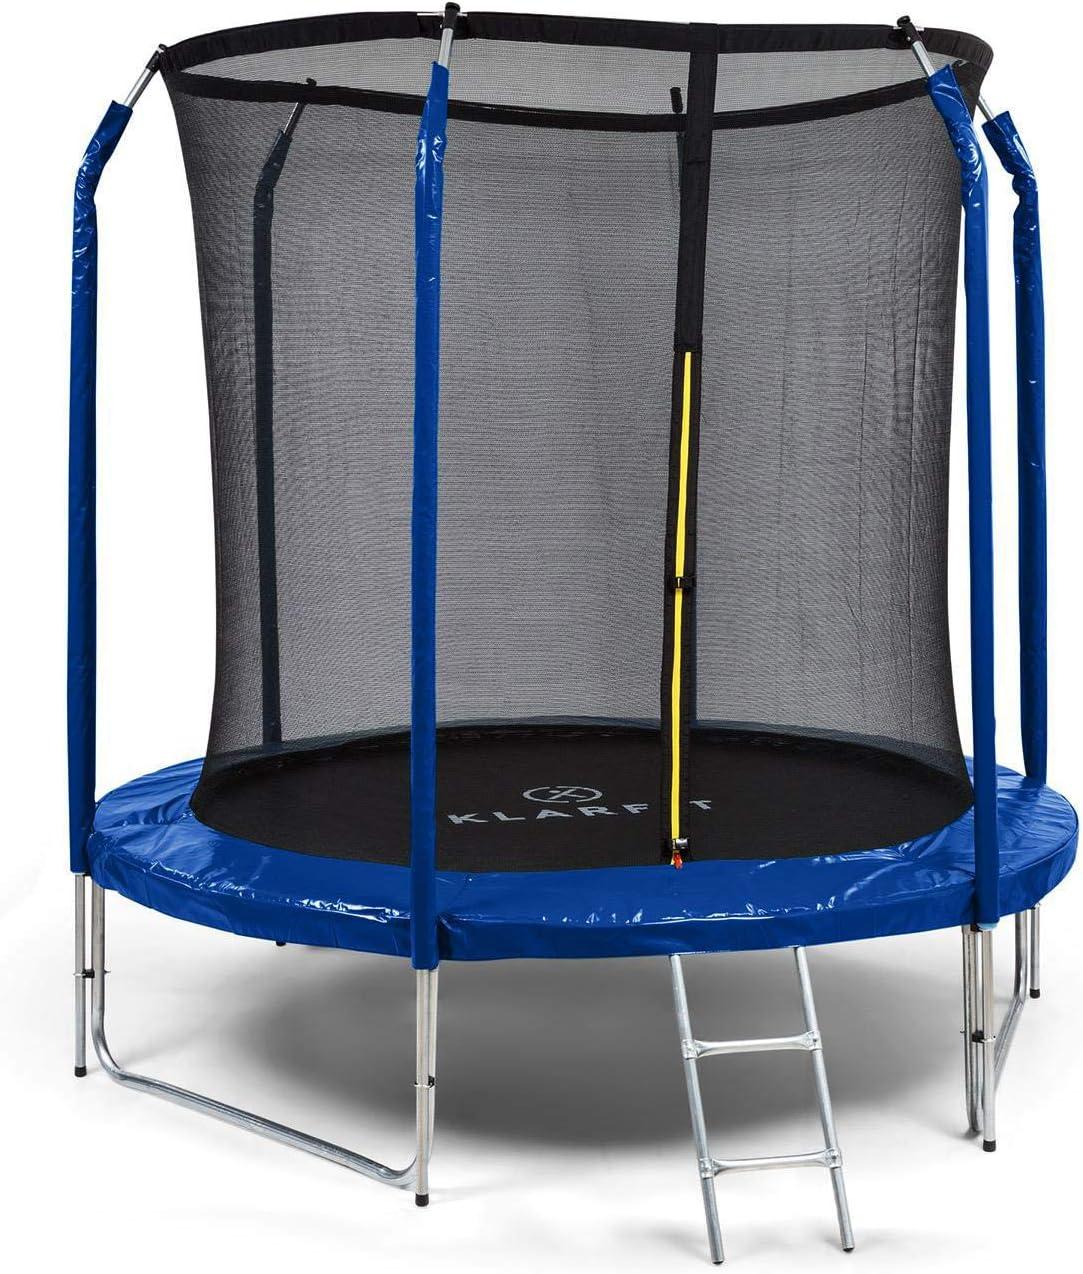 Klarfit Jumpstarter - Cama elástica, Superficie Salto 1,95 m, Certificado Intertek, Red de Seguridad Interior, Carga máx. 120 kg, 3 Patas Dobles, Escalera de Acero galvanizado, Acolchado